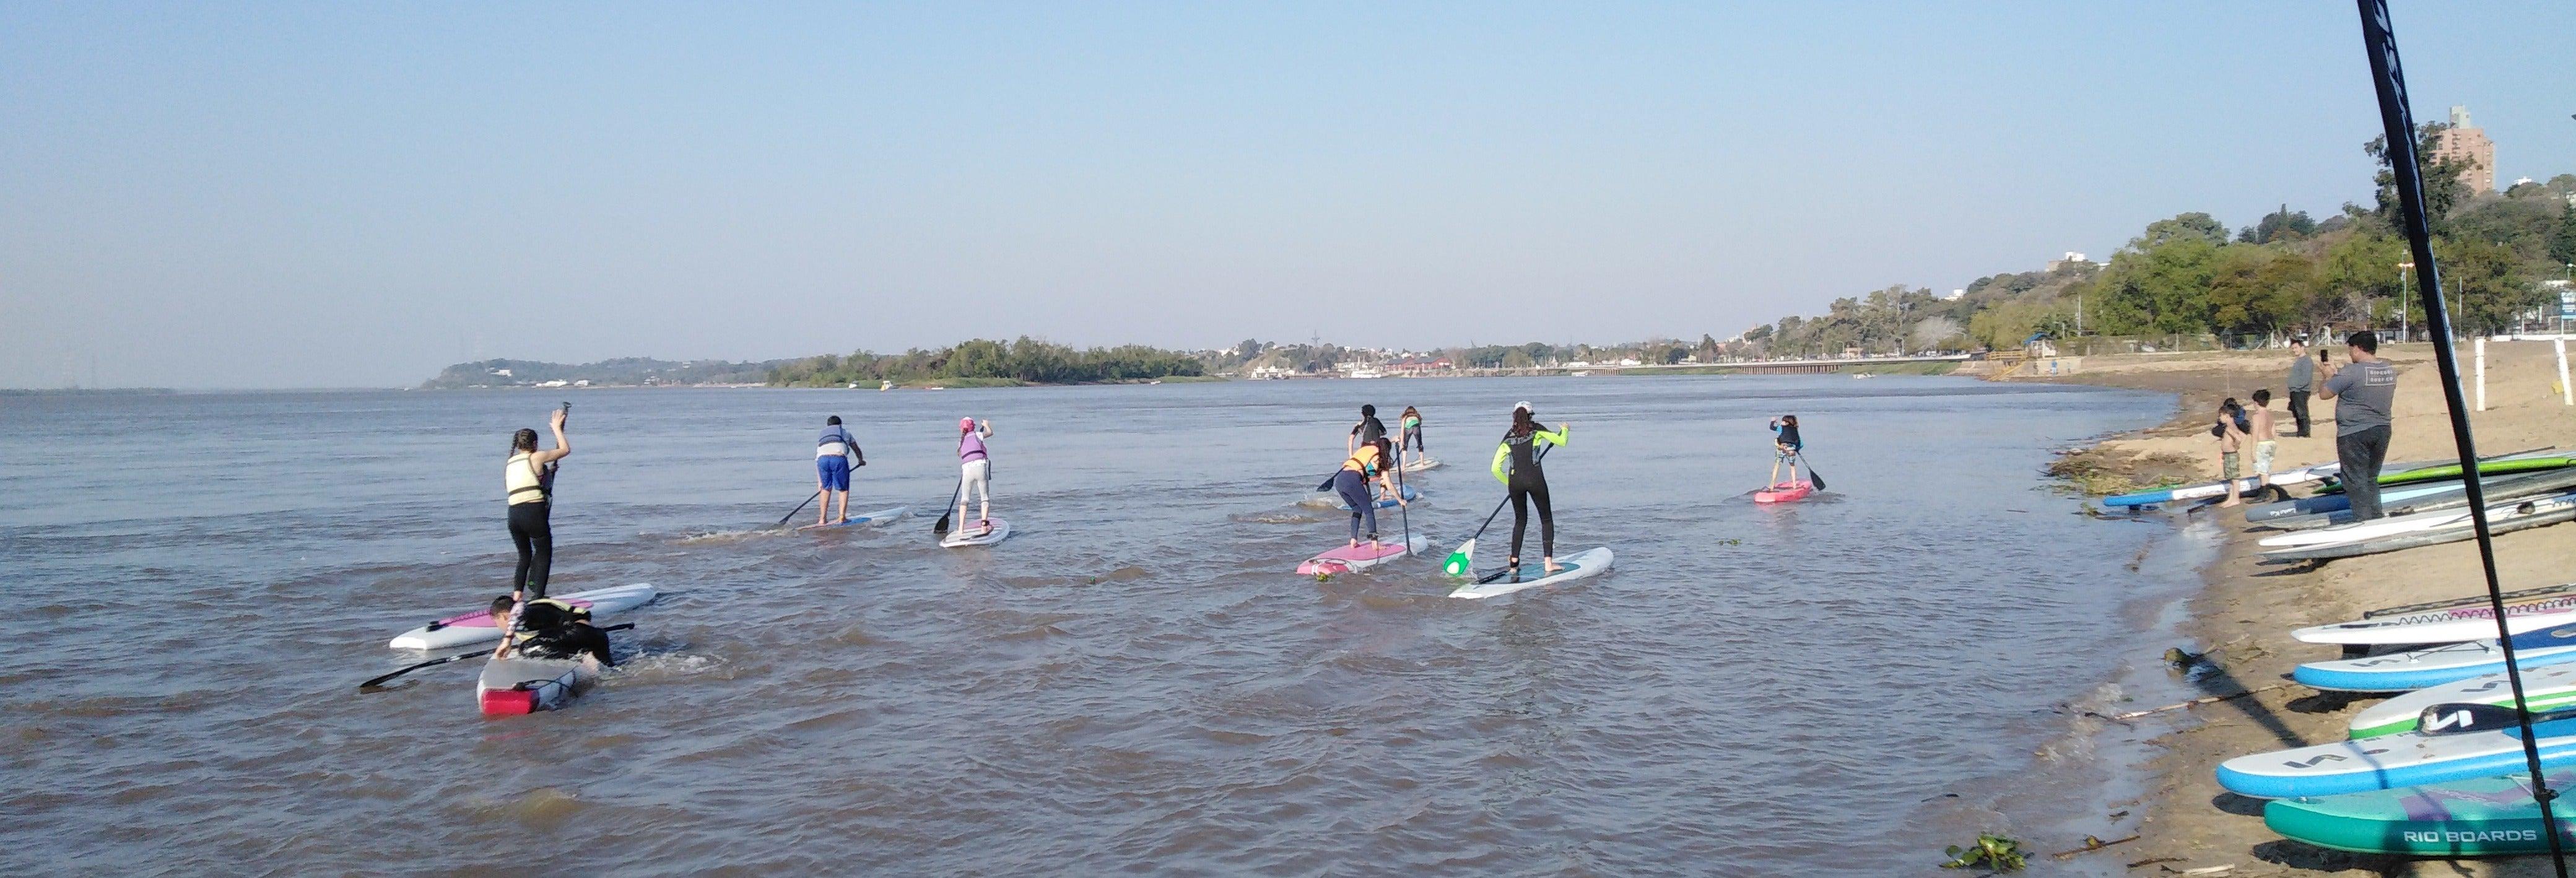 Snorkel y paddle surf en el Dique Punta Negra